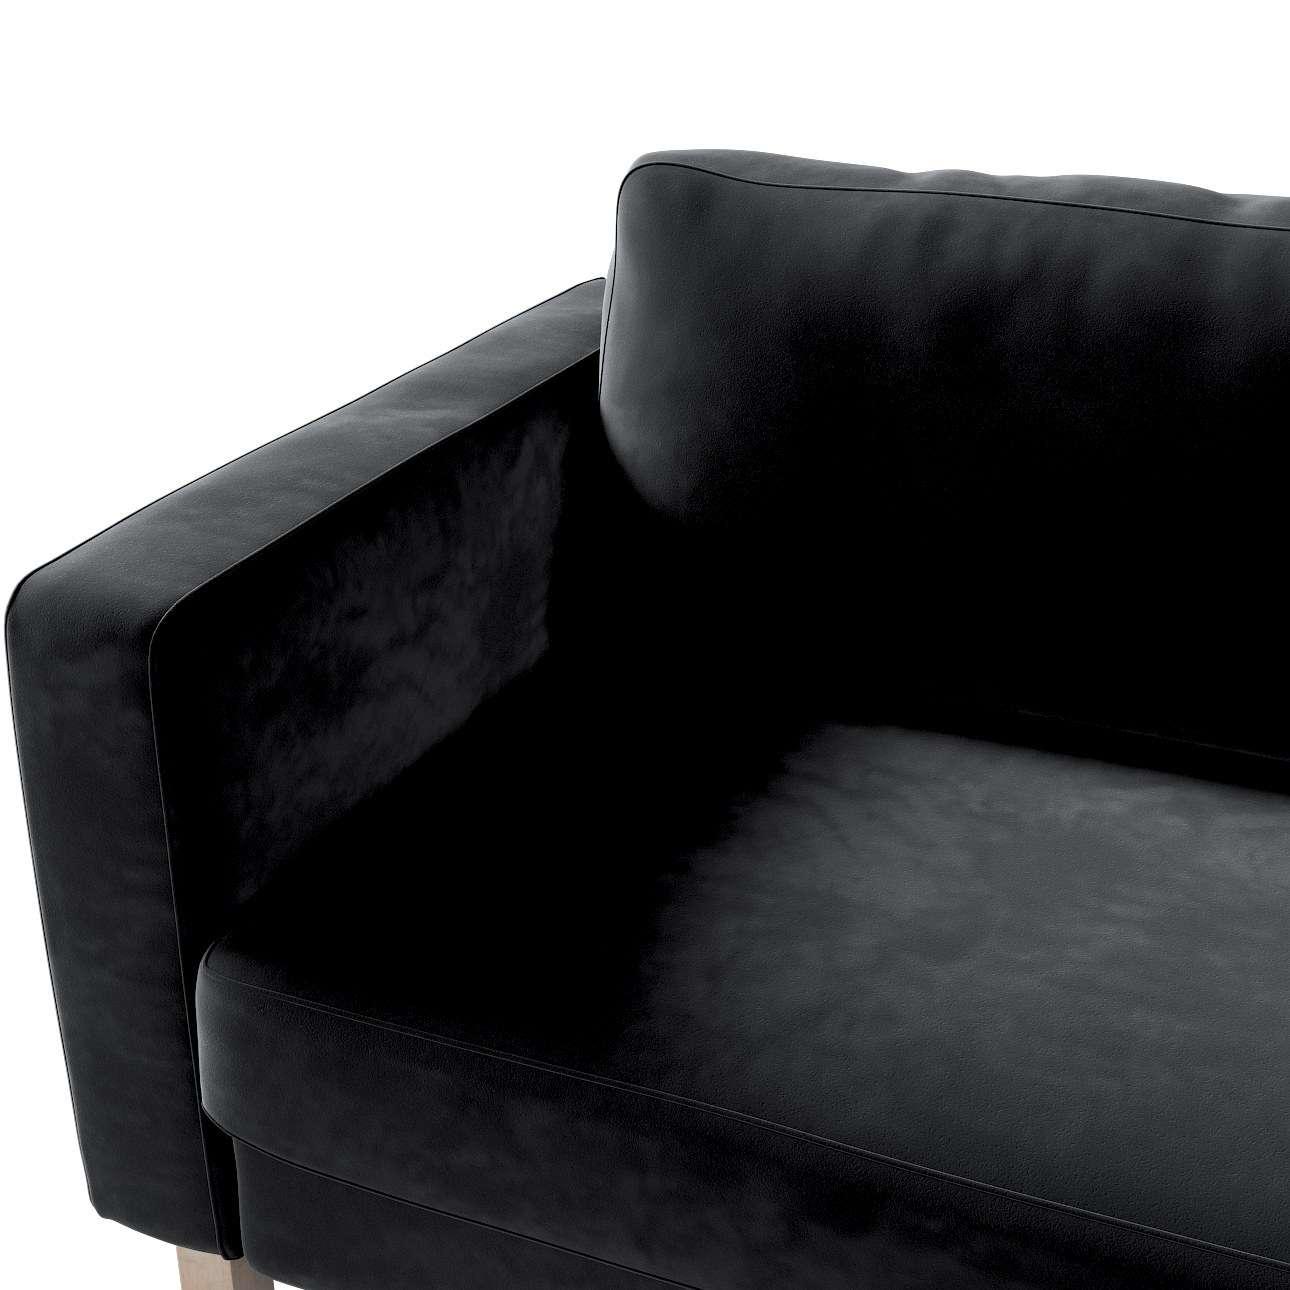 Pokrowiec na sofę Karlstad 3-osobową nierozkładaną, krótki w kolekcji Velvet, tkanina: 704-17